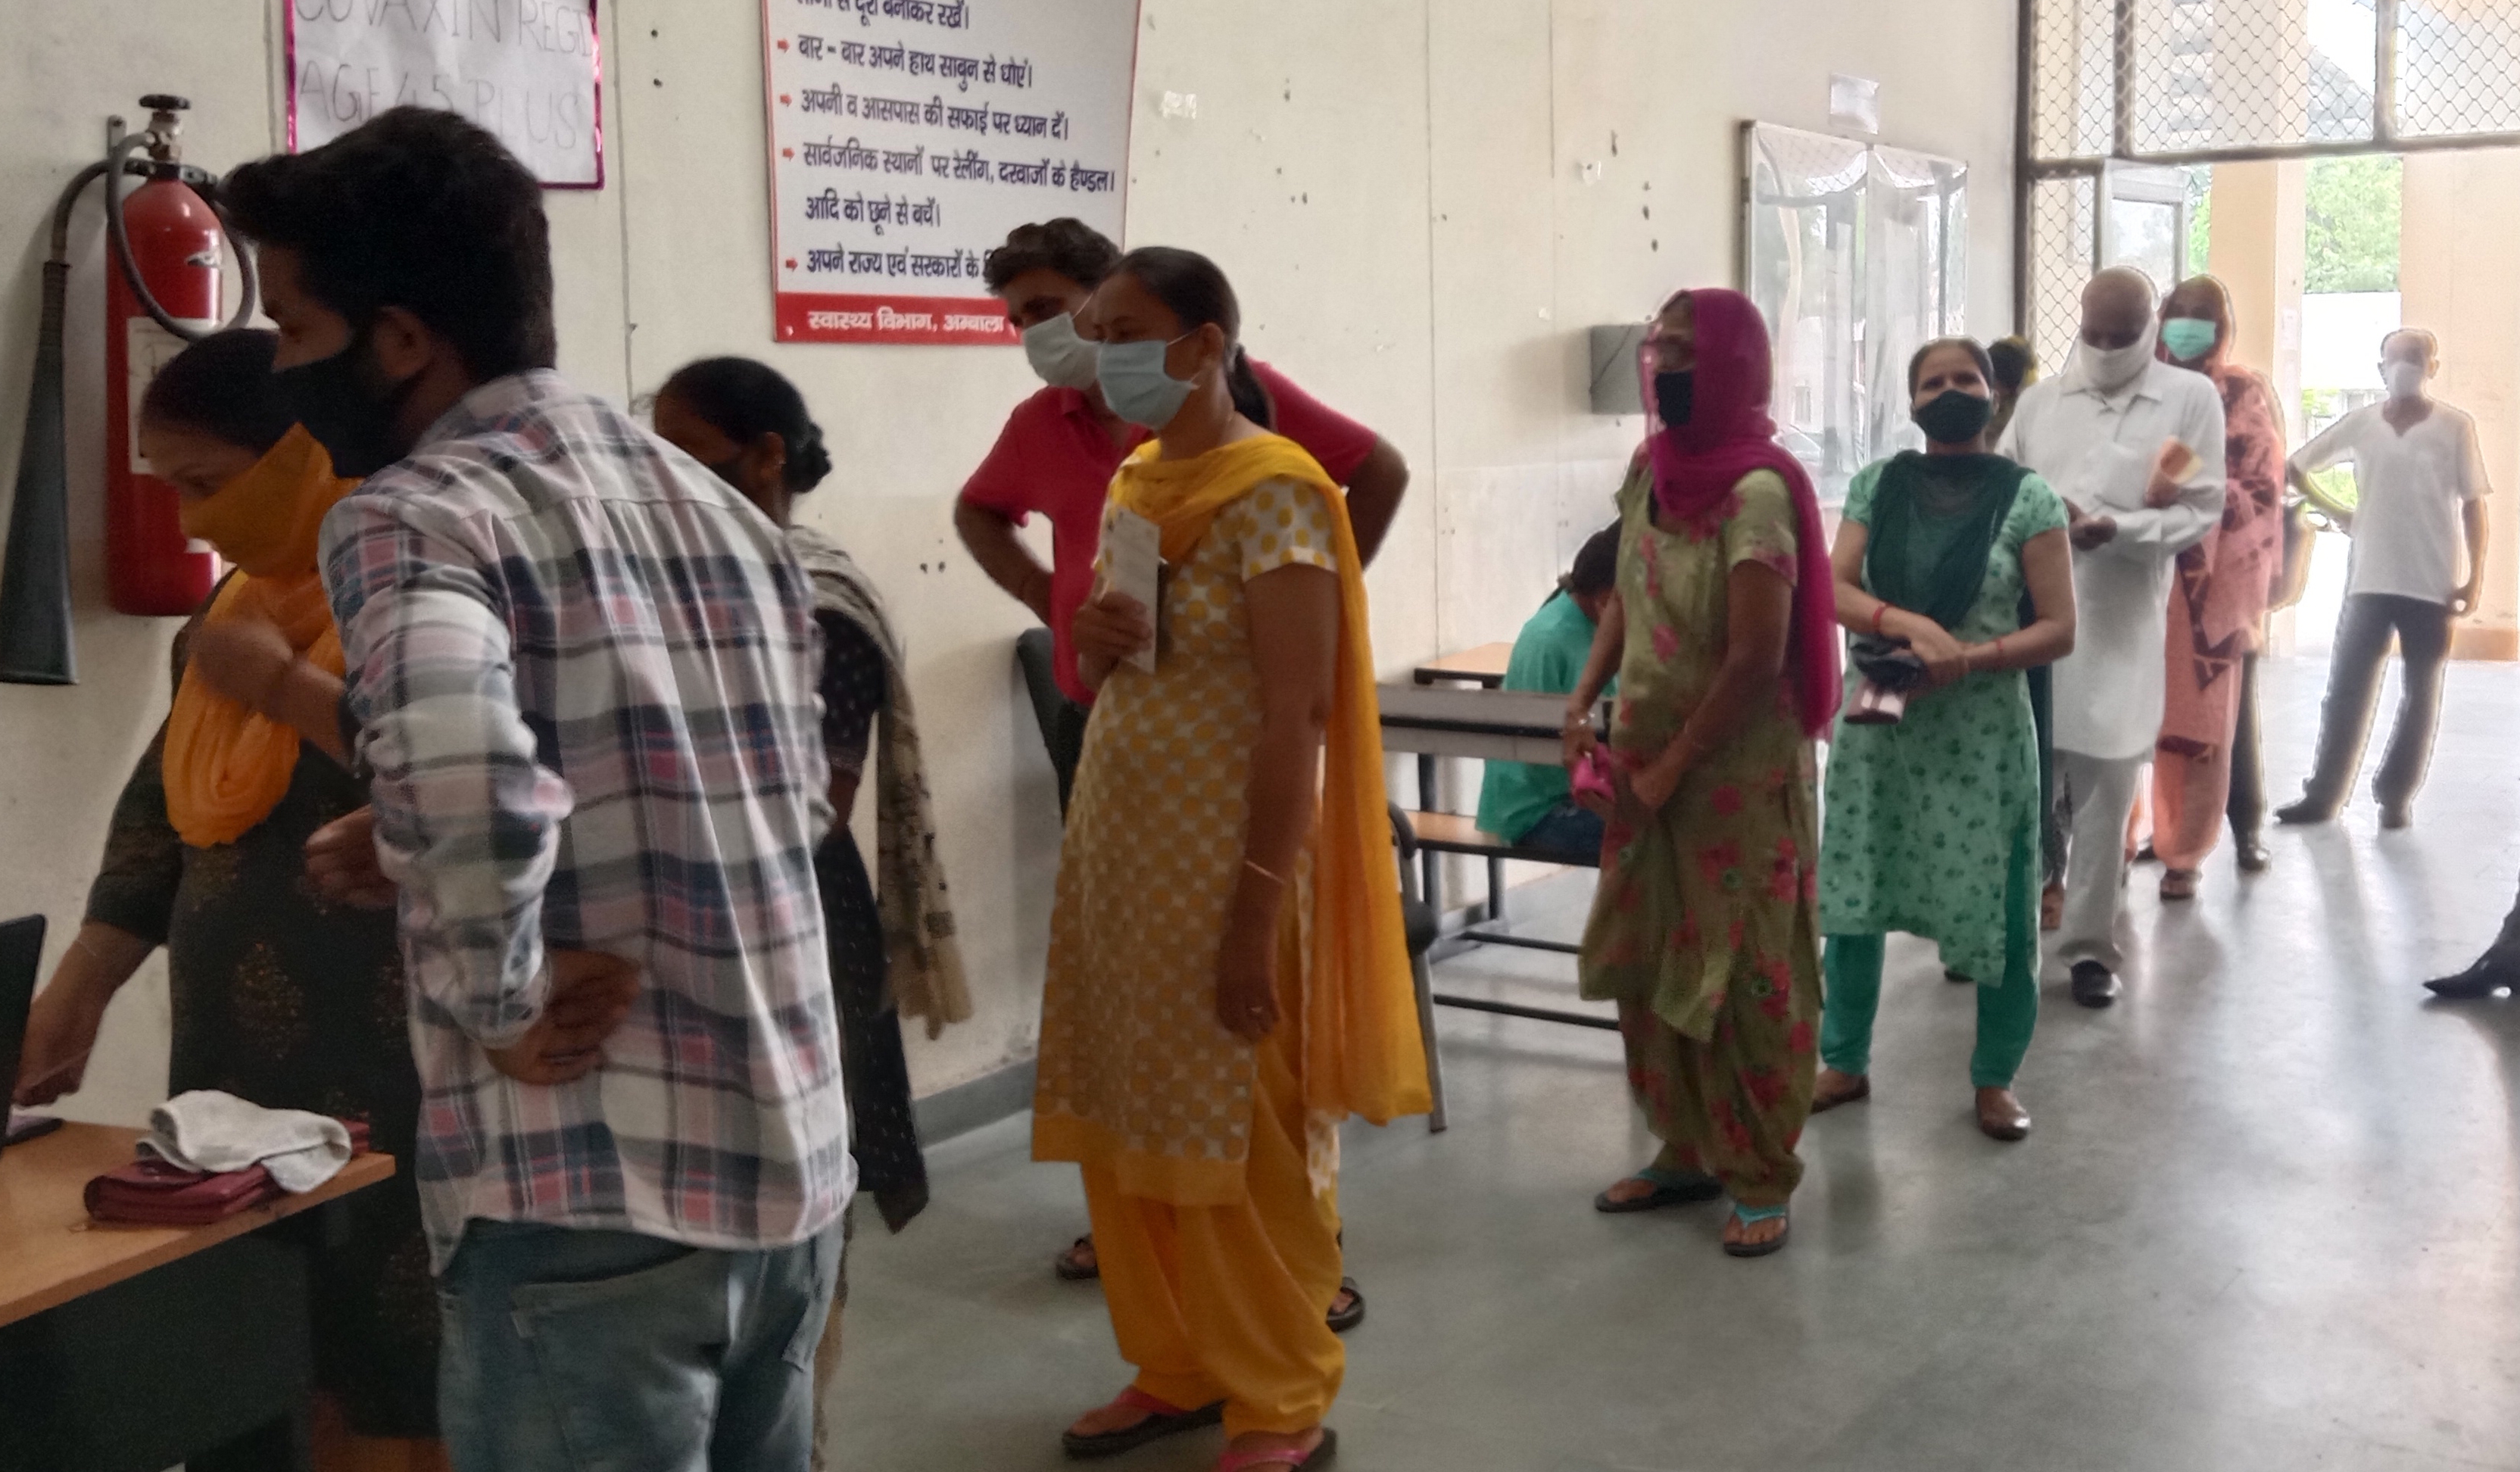 आईटीआई स्थित केंद्र में टीका लगवाने के लिए खड़े लोग।